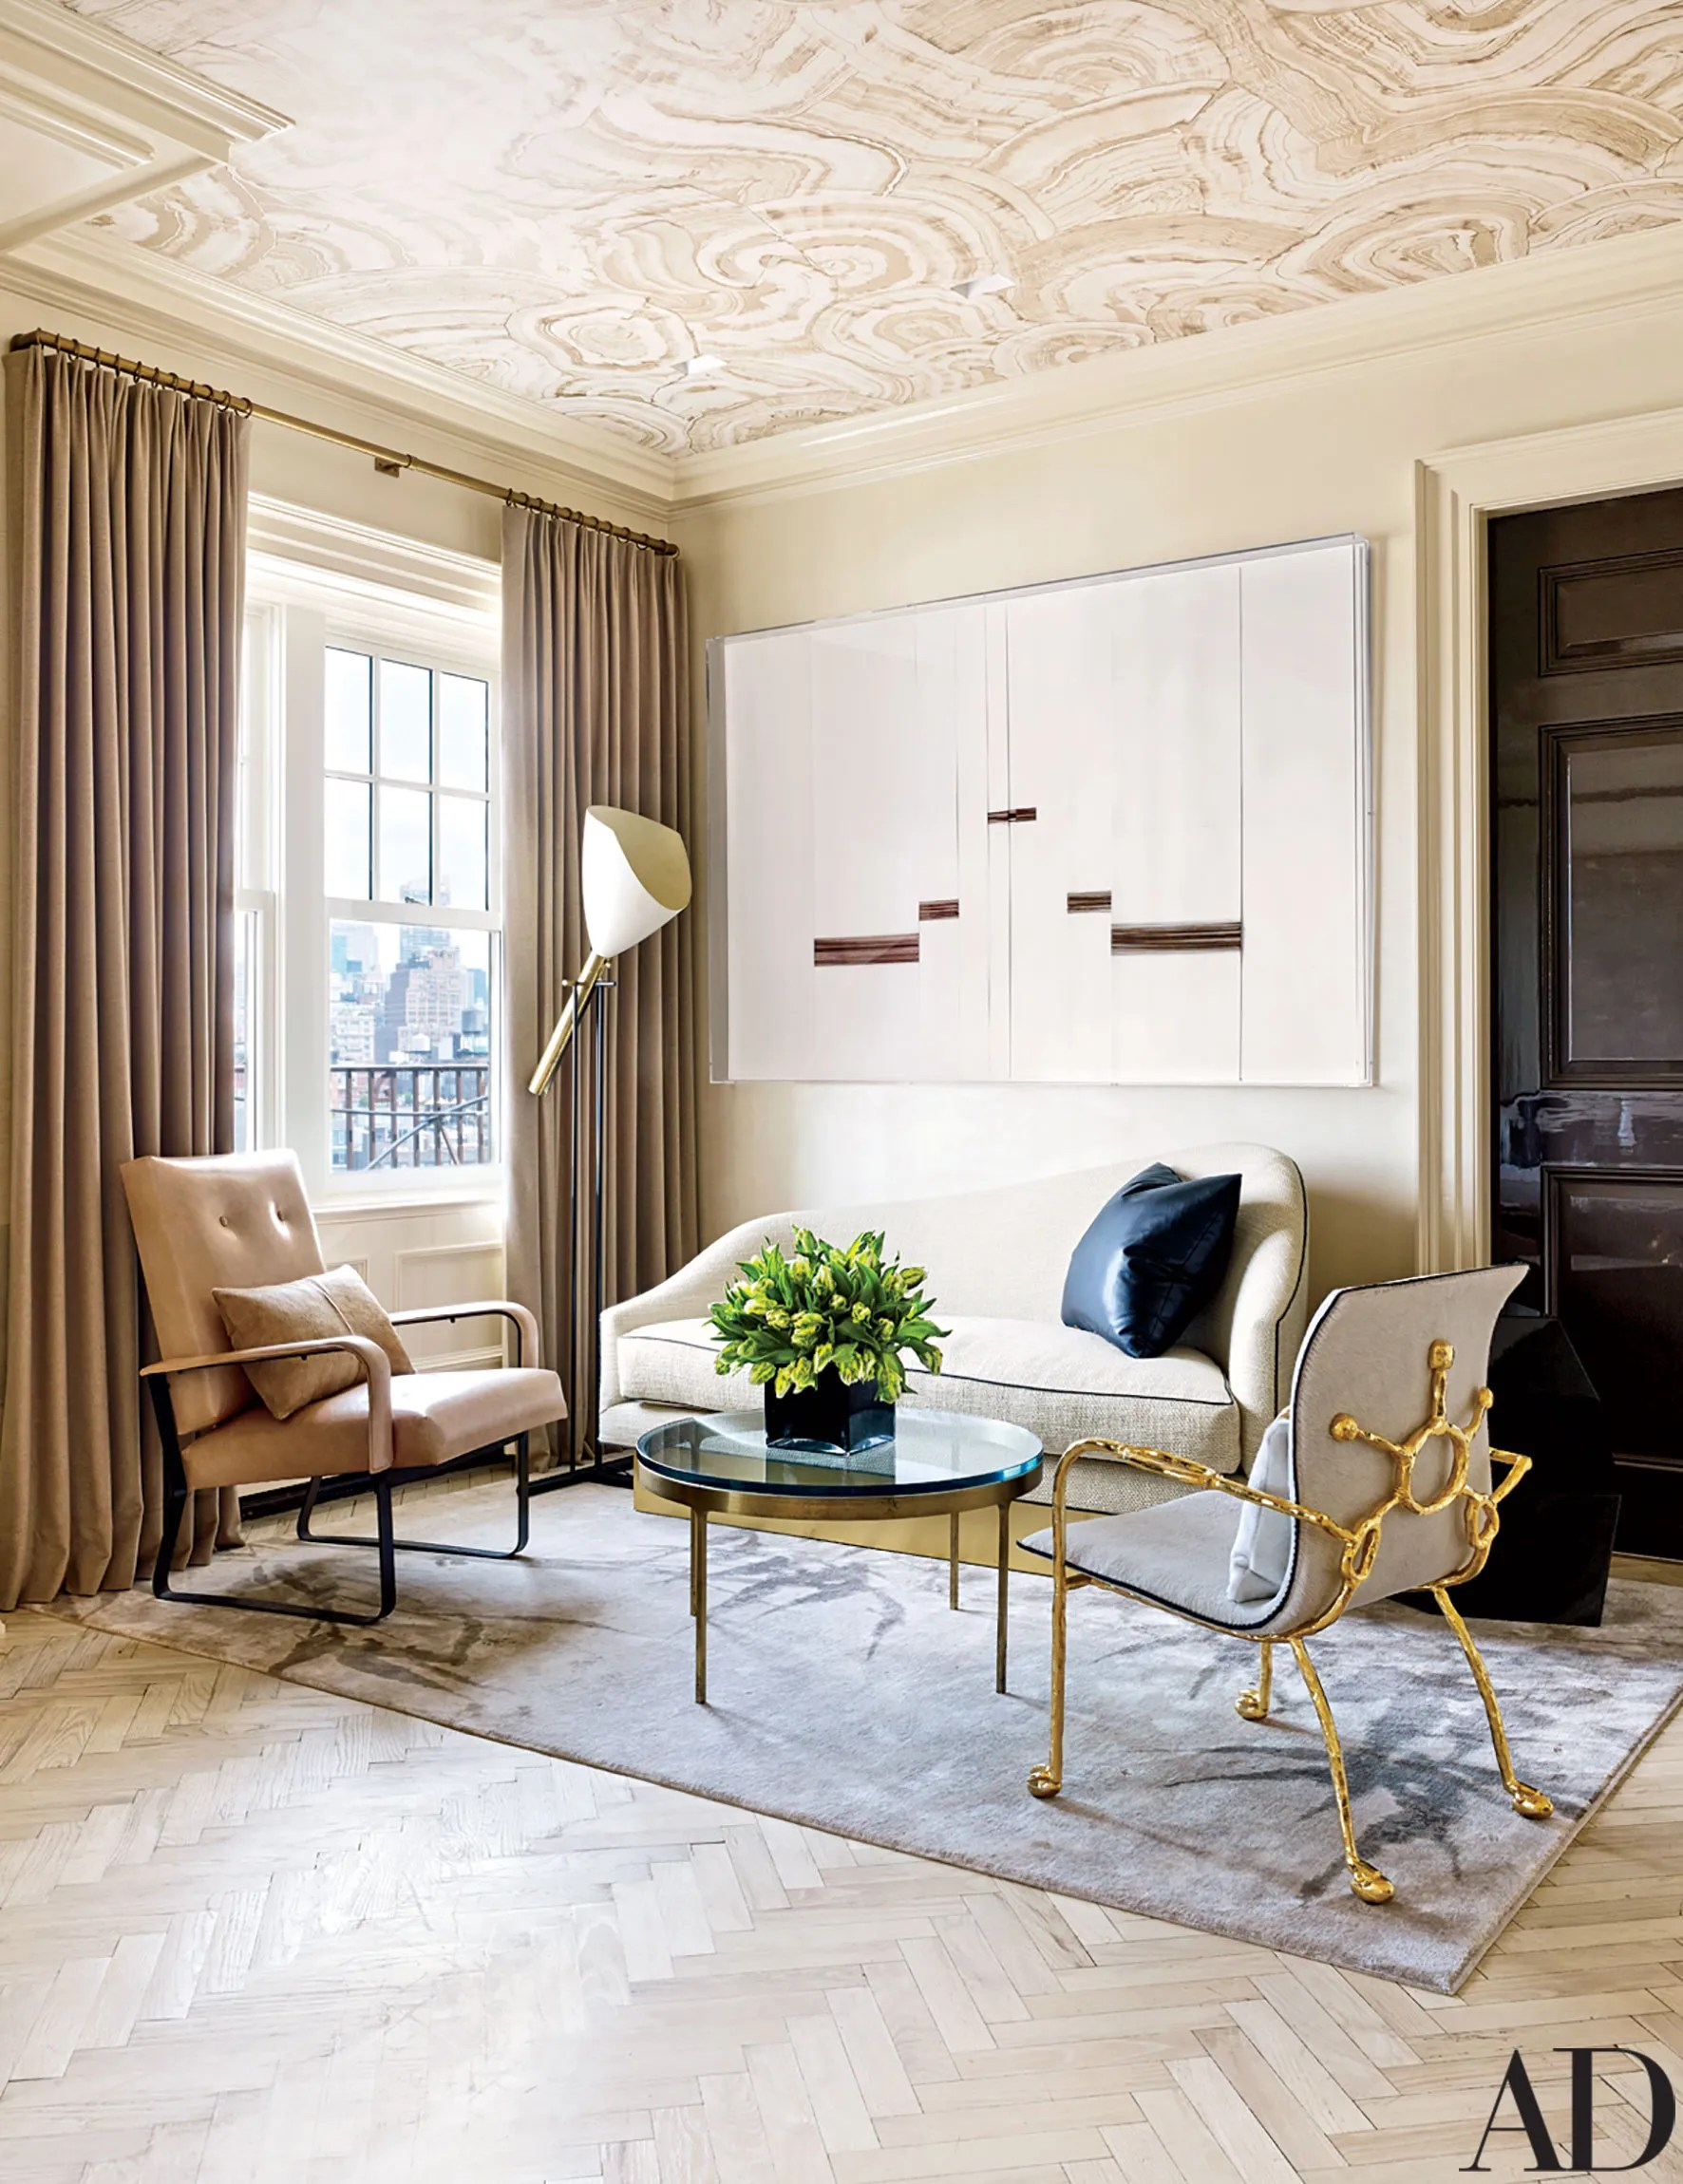 Rafael de Crdenas Creates a Refined Penthouse in